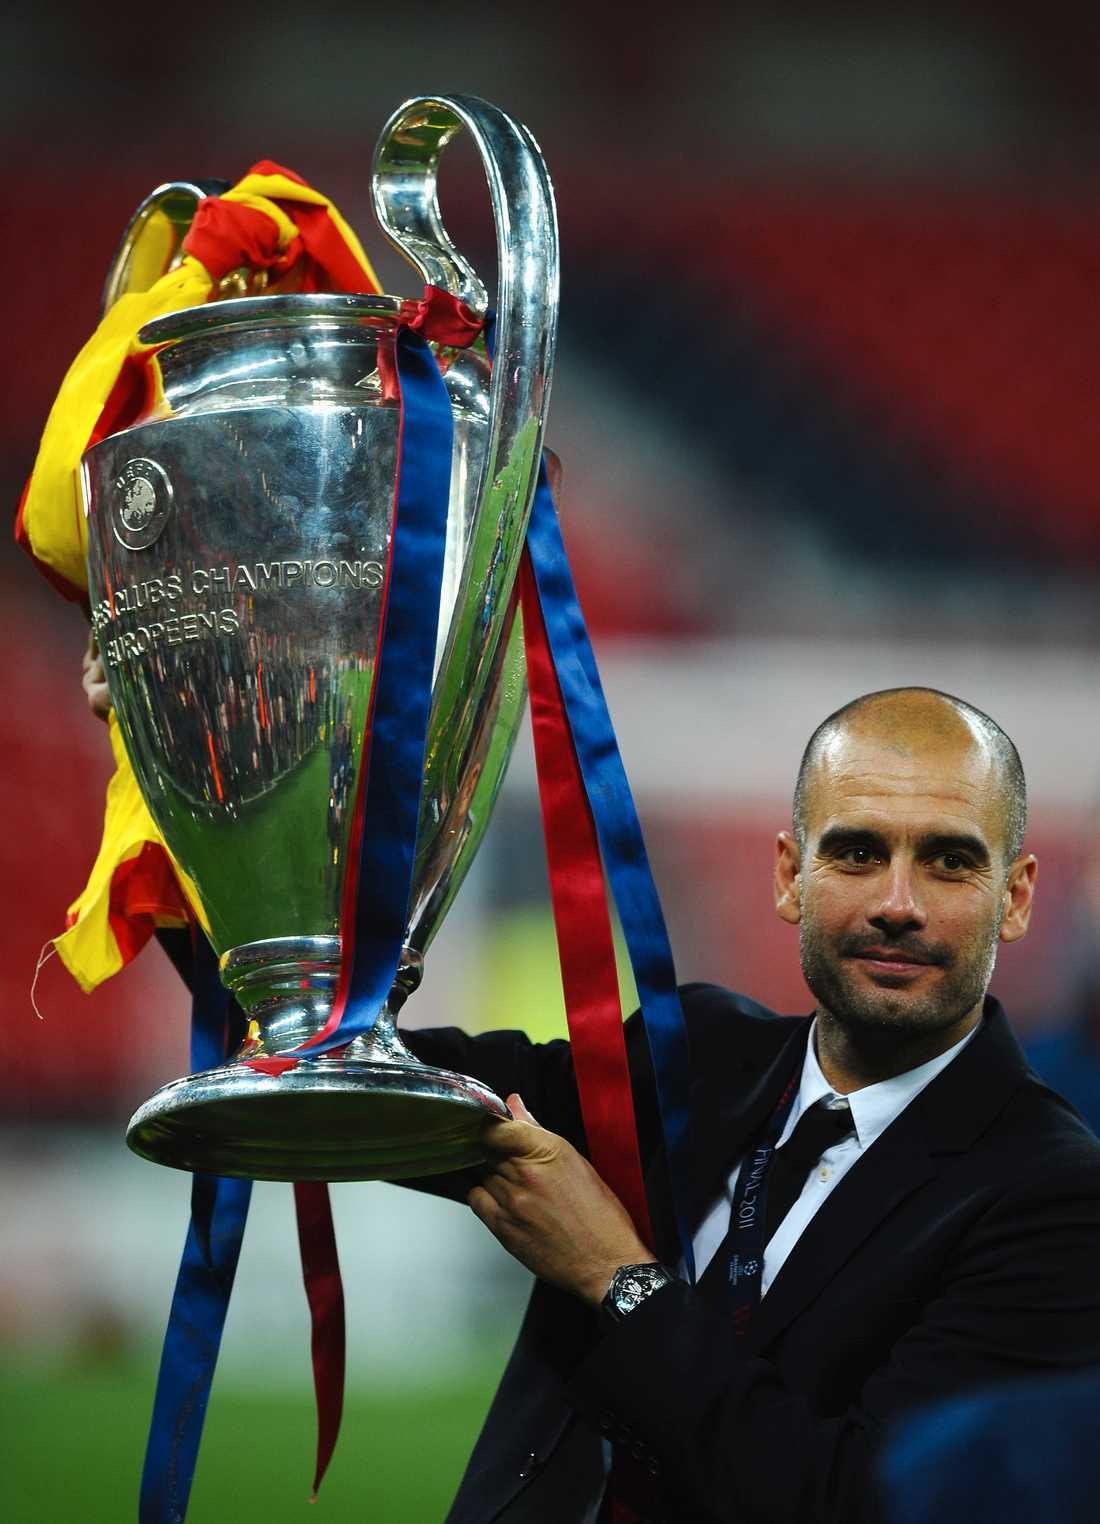 2011 Guardiola får visa upp Champions League-pokalen för andra gången, efter segern mot Manchester United. Foto: Getty